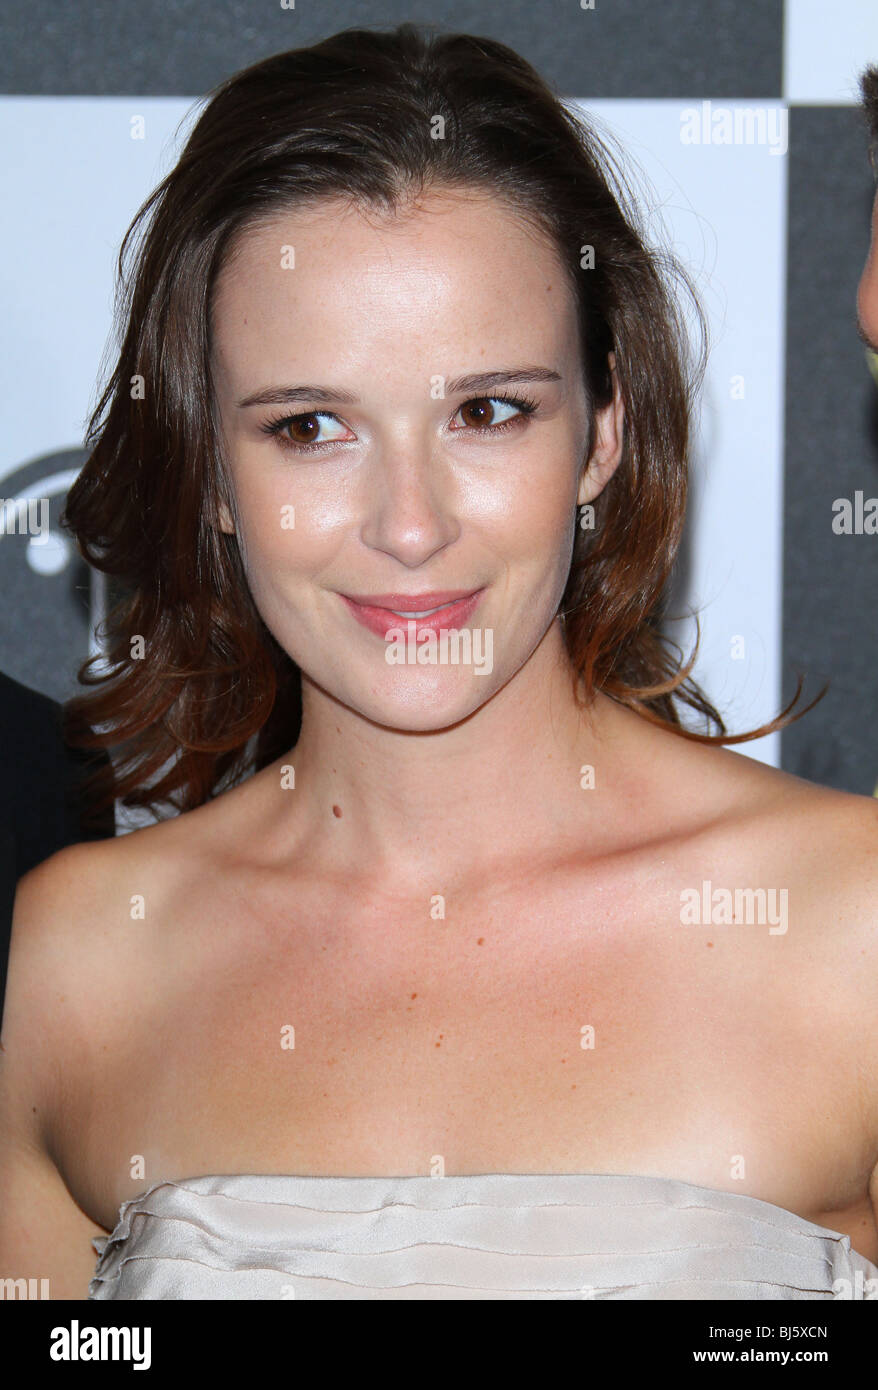 Claire van der Boom Nude Photos 96